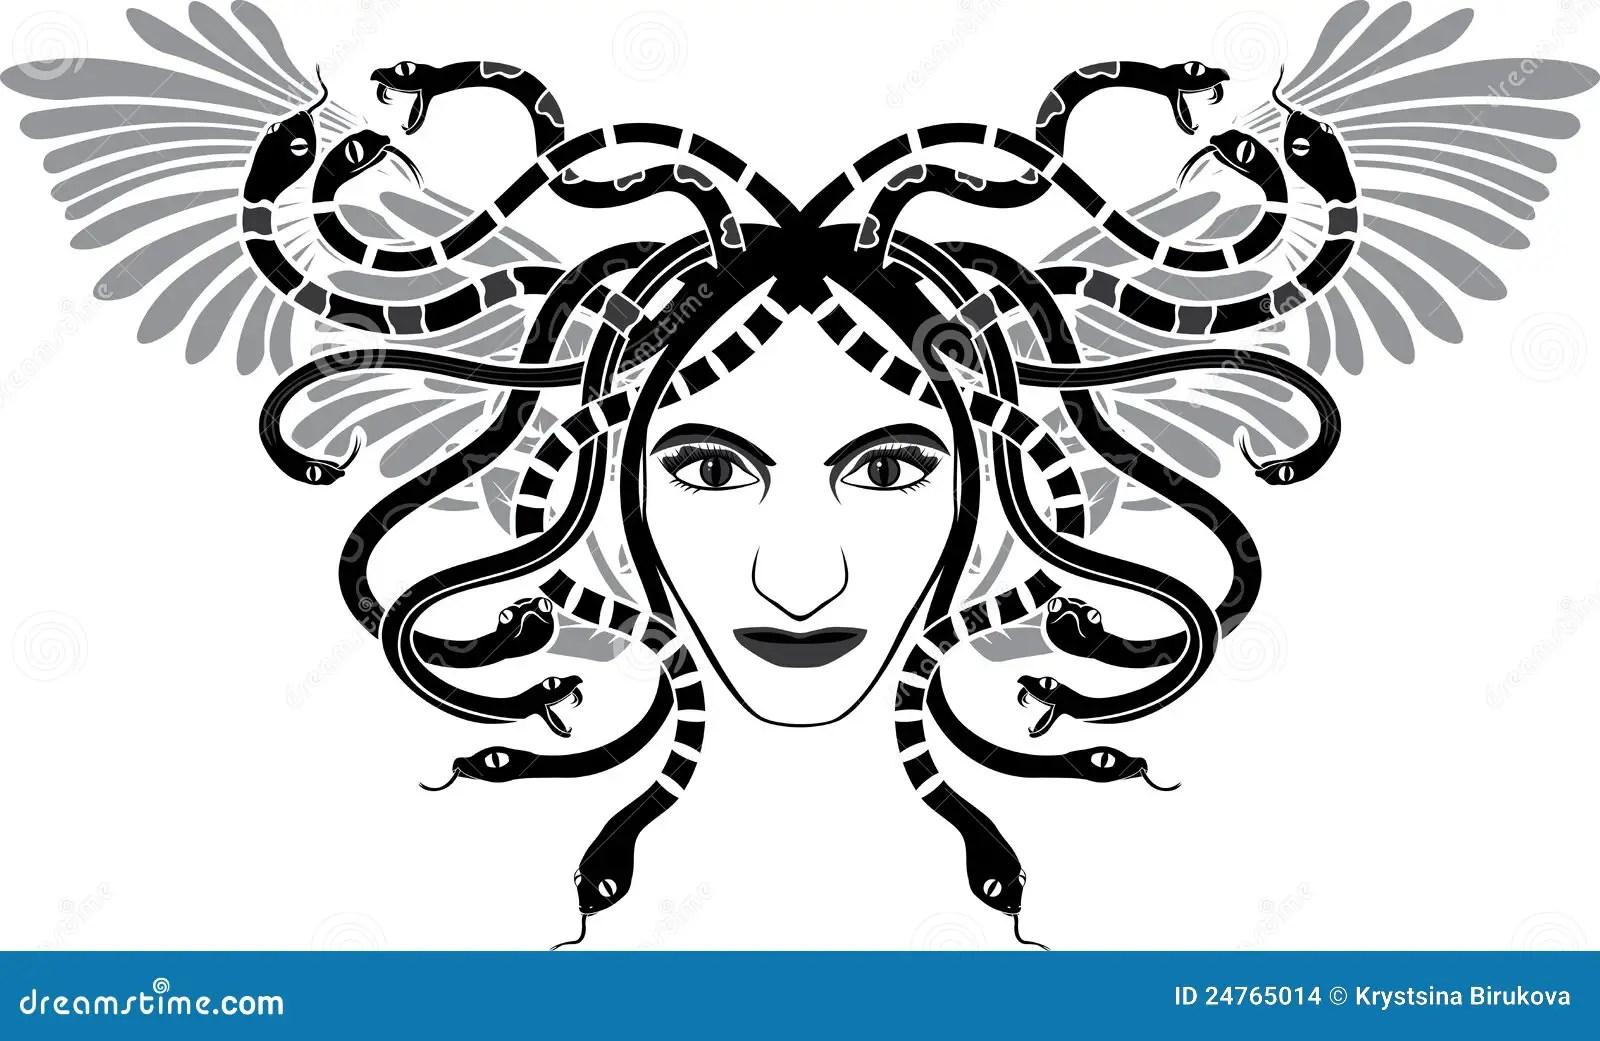 Medusa Gorgona Head Stock Images